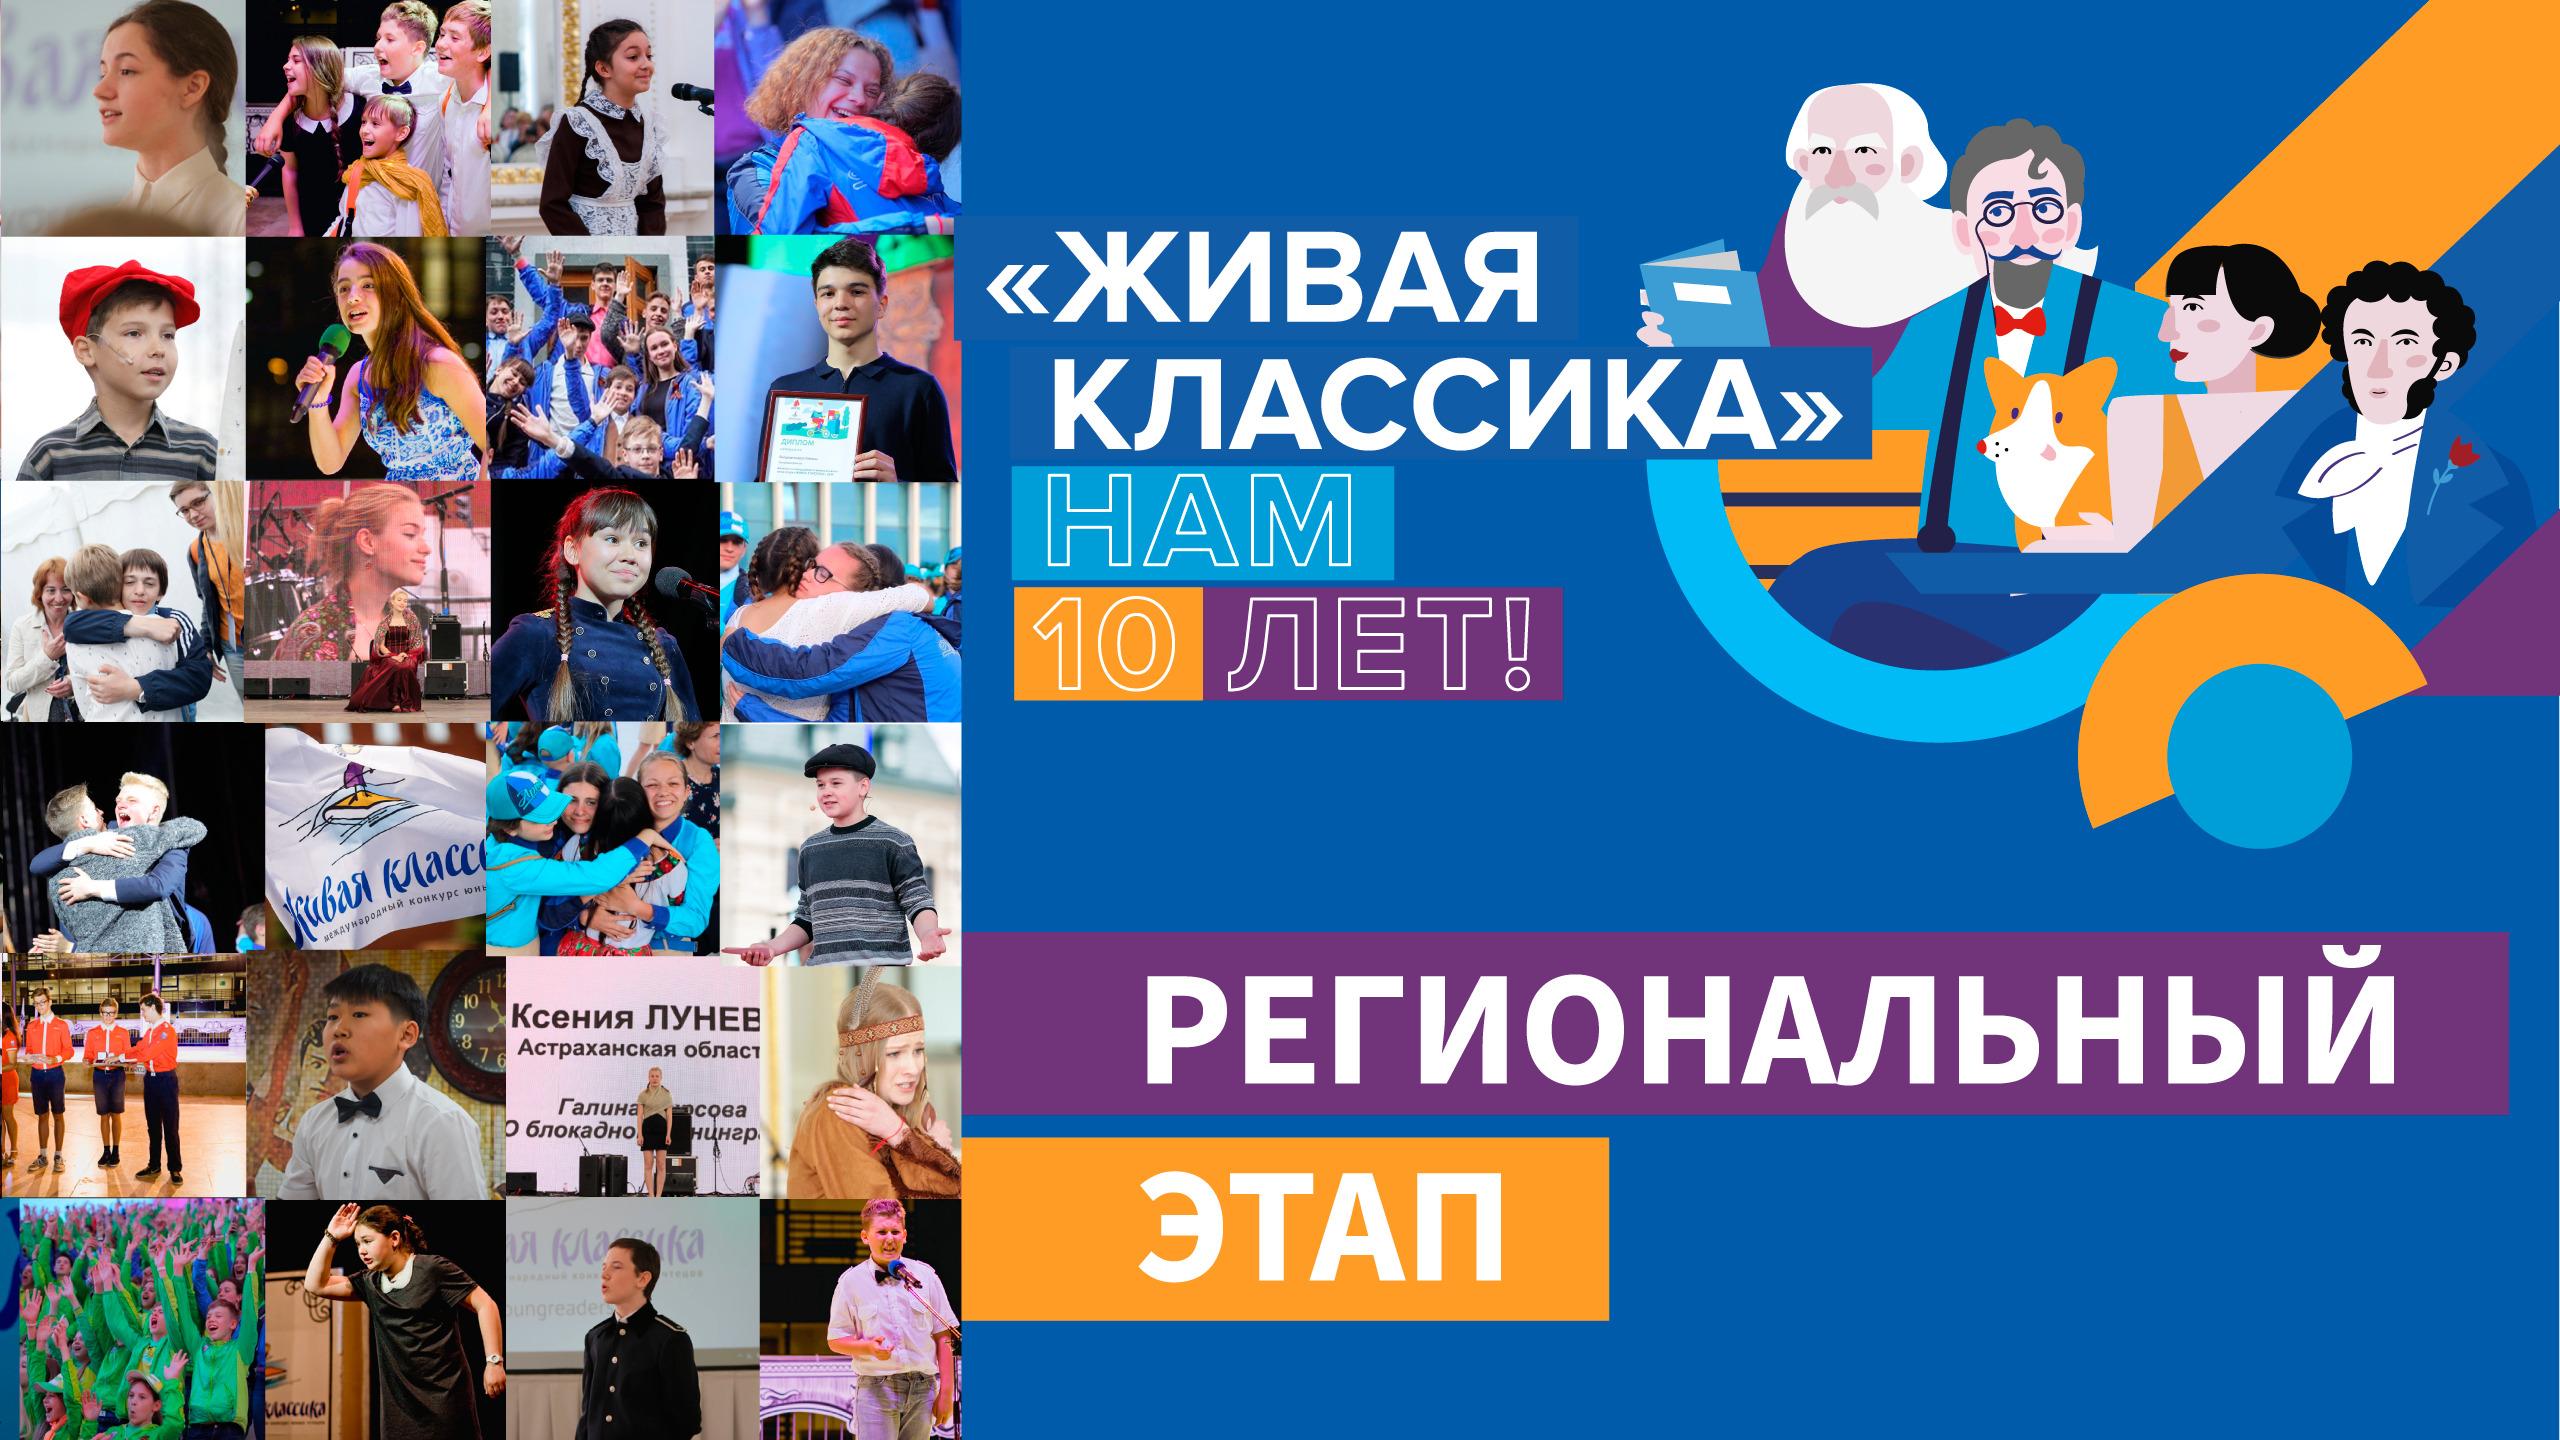 Школьники Ростовской области поборются за путёвки в «Артек»